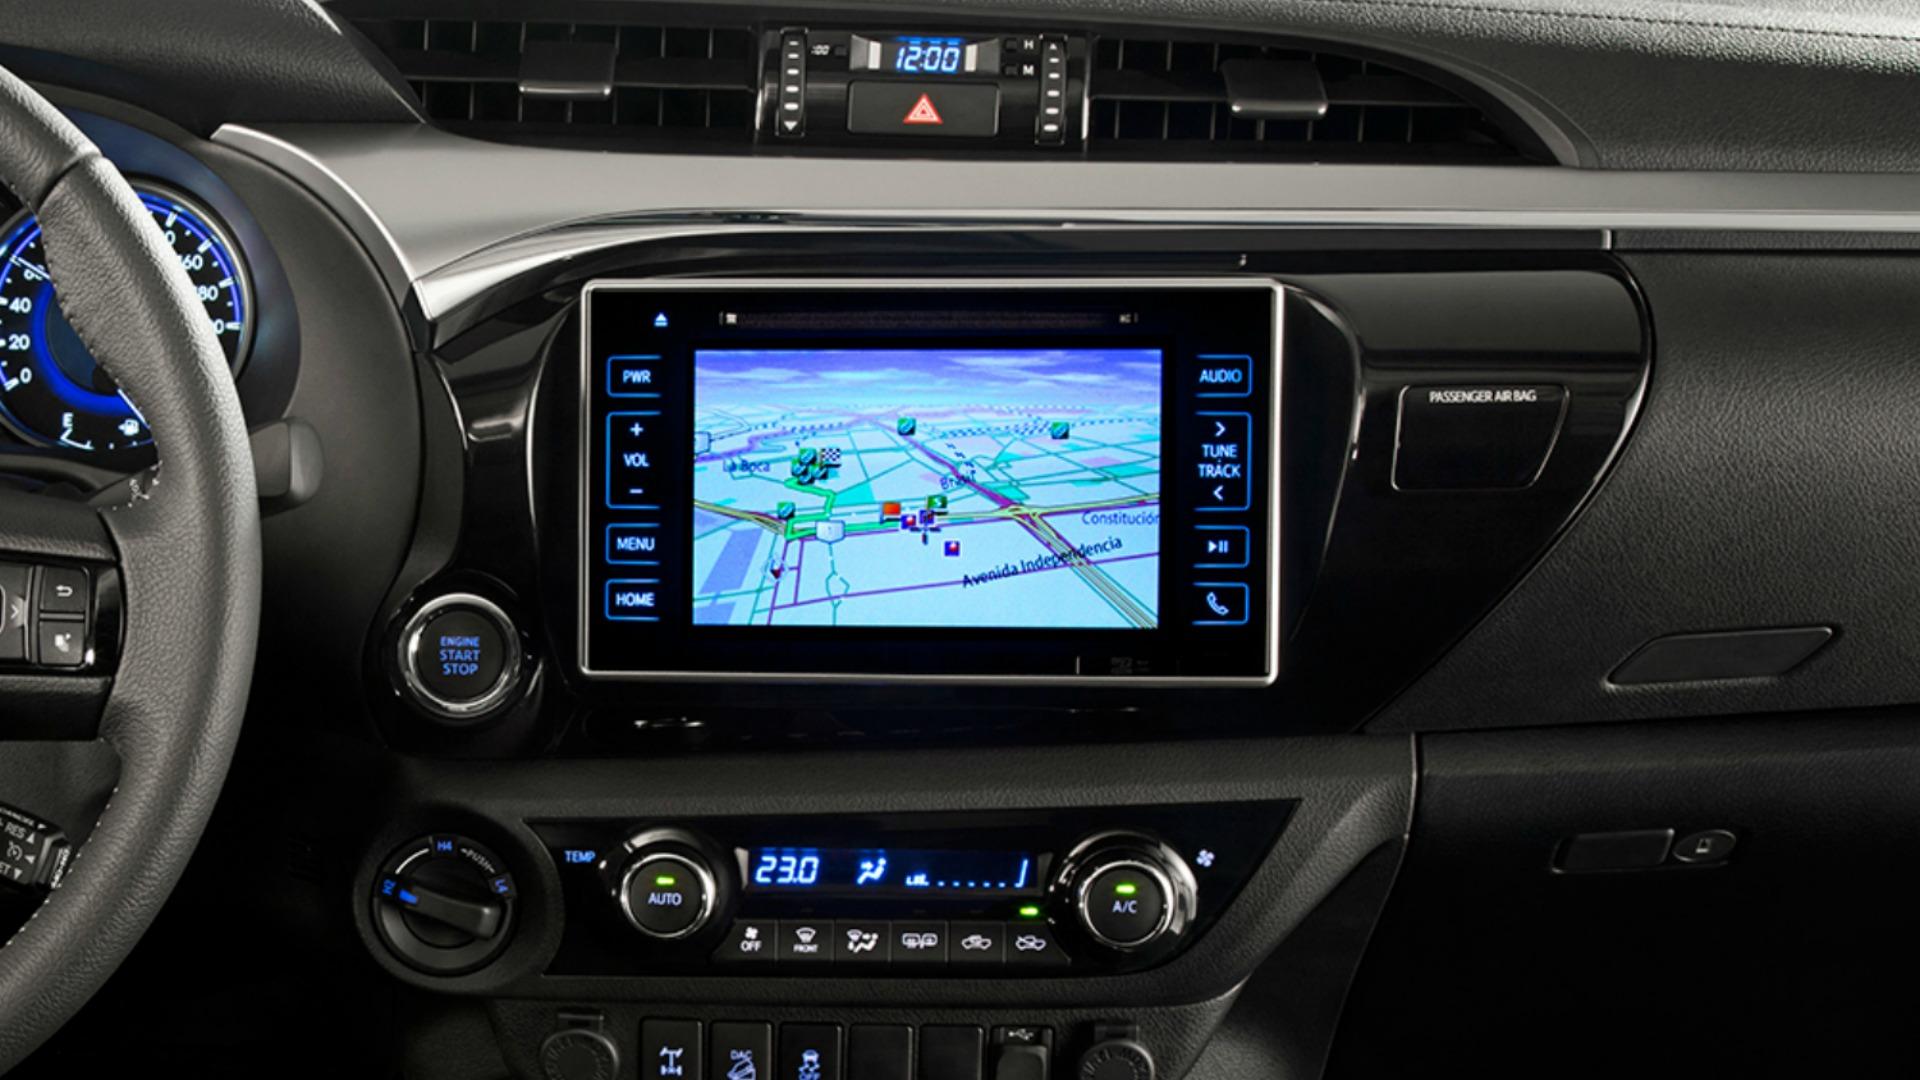 Tableros de última generación en los automóviles nuevos. (iStock)